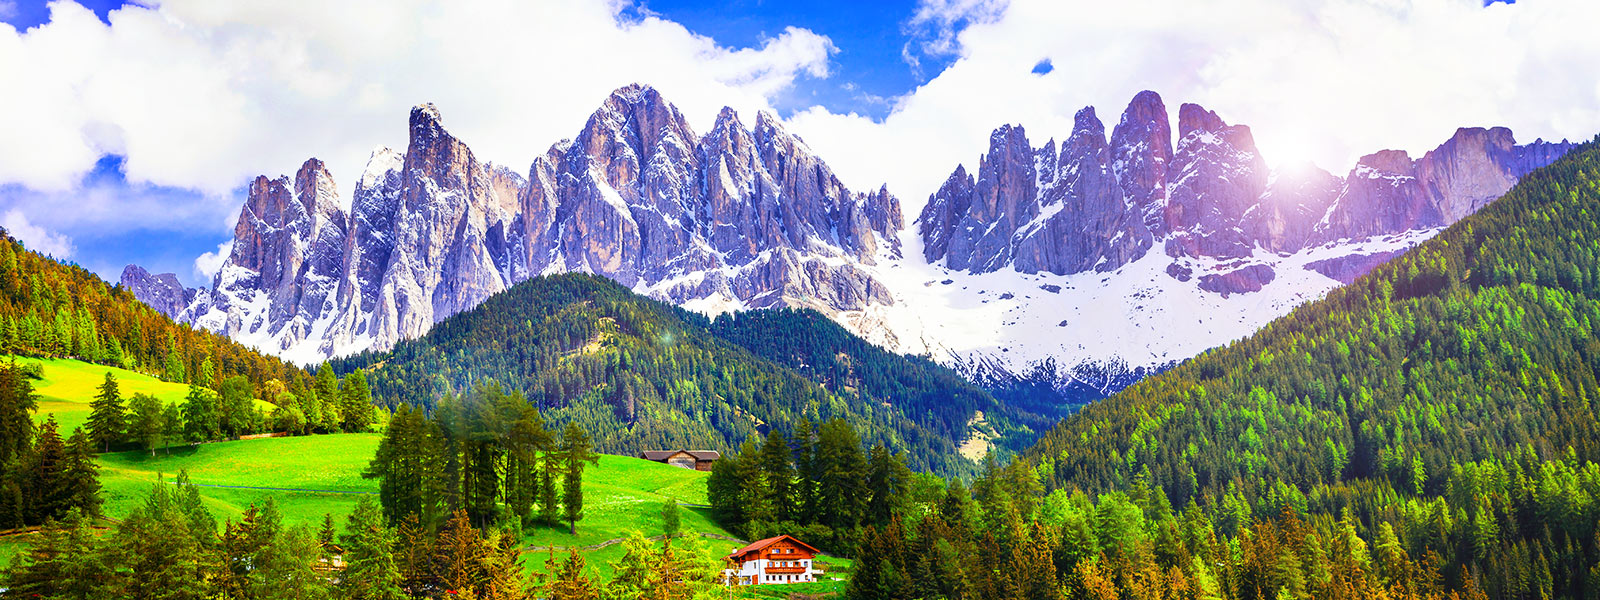 Vacanze in montagna scegli tra europa americhe asia for Vacanze in montagna